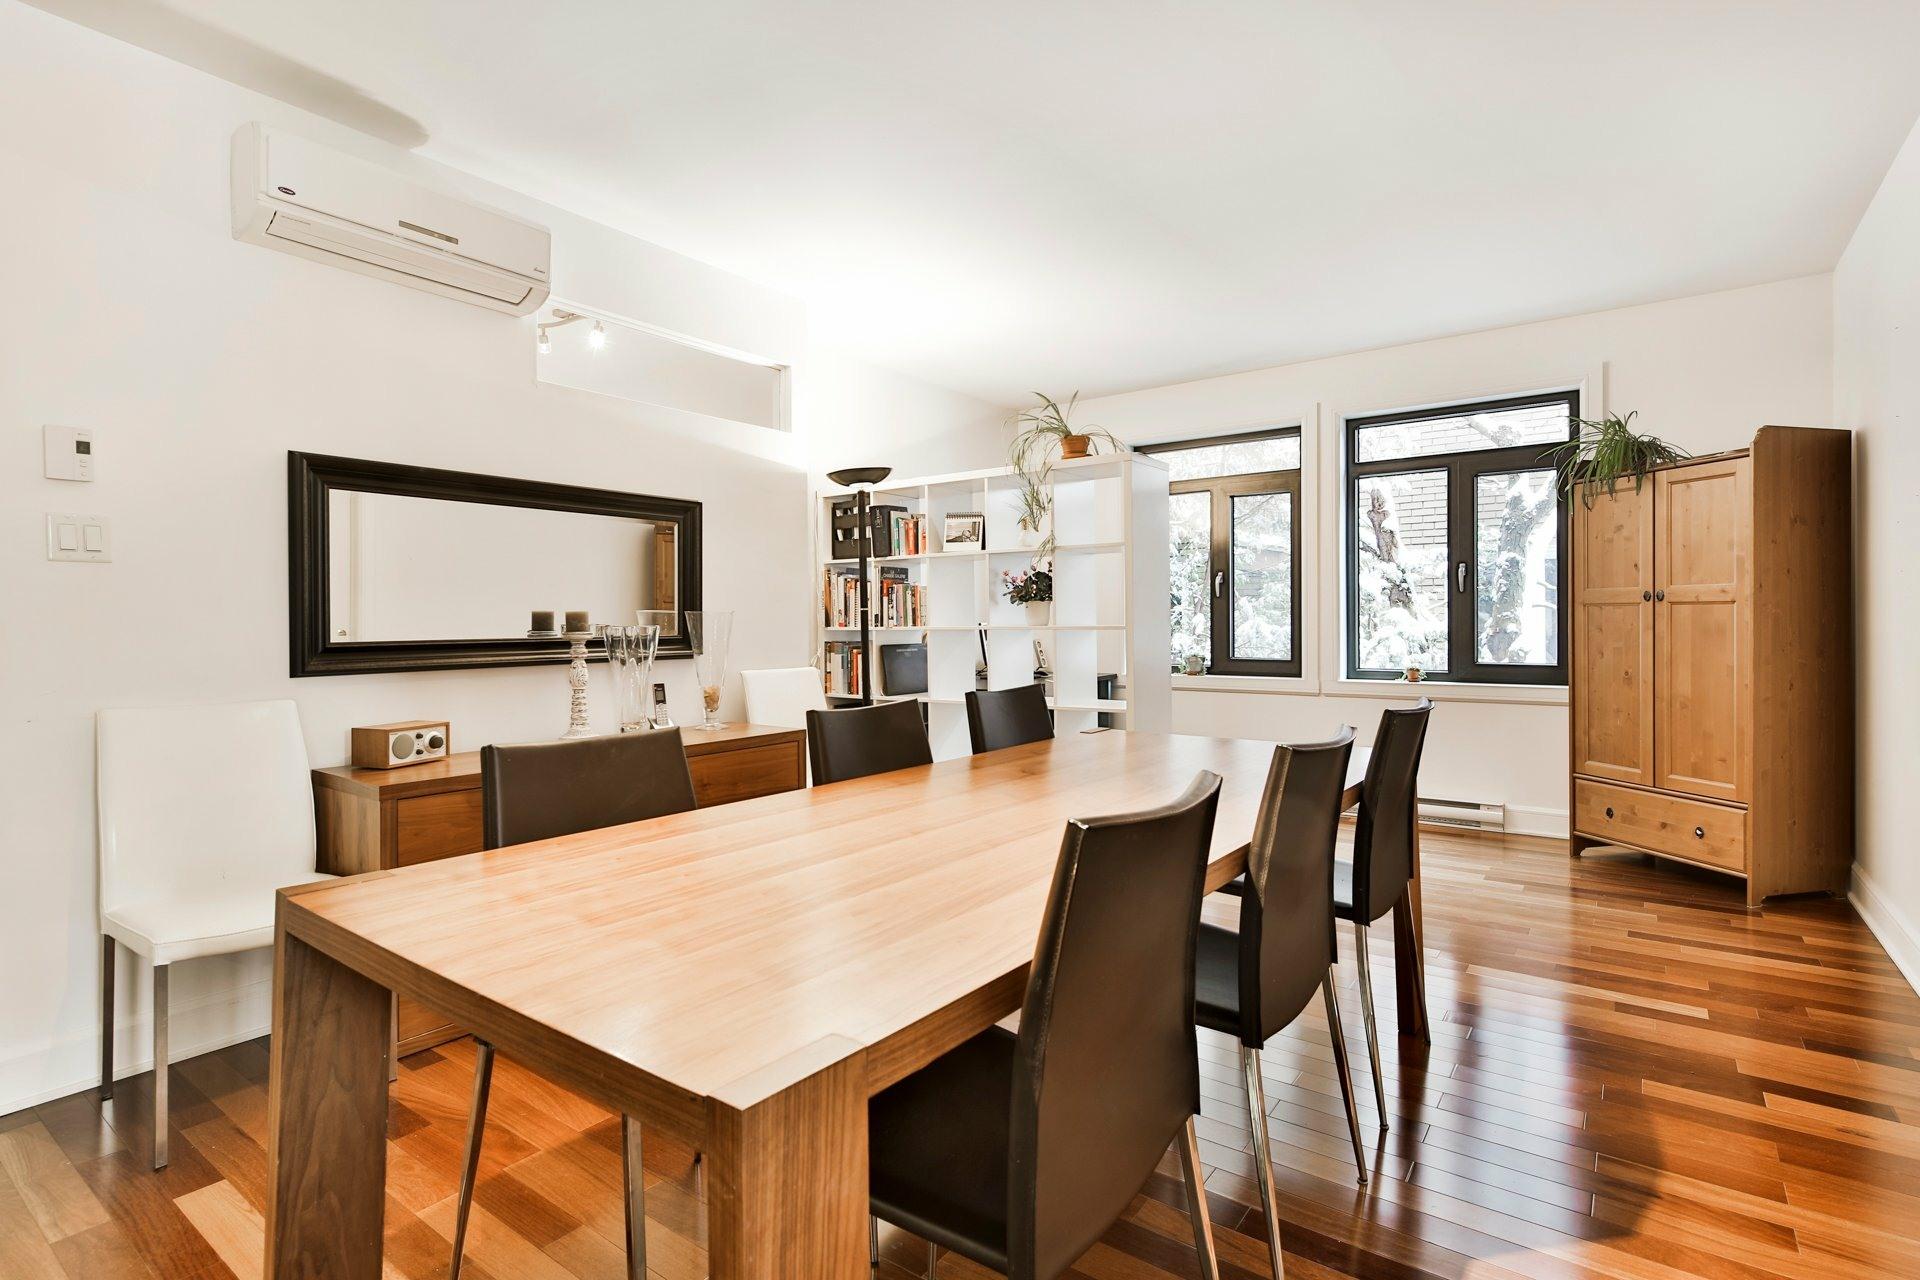 image 6 - Appartement À vendre Montréal Ahuntsic-Cartierville  - 11 pièces